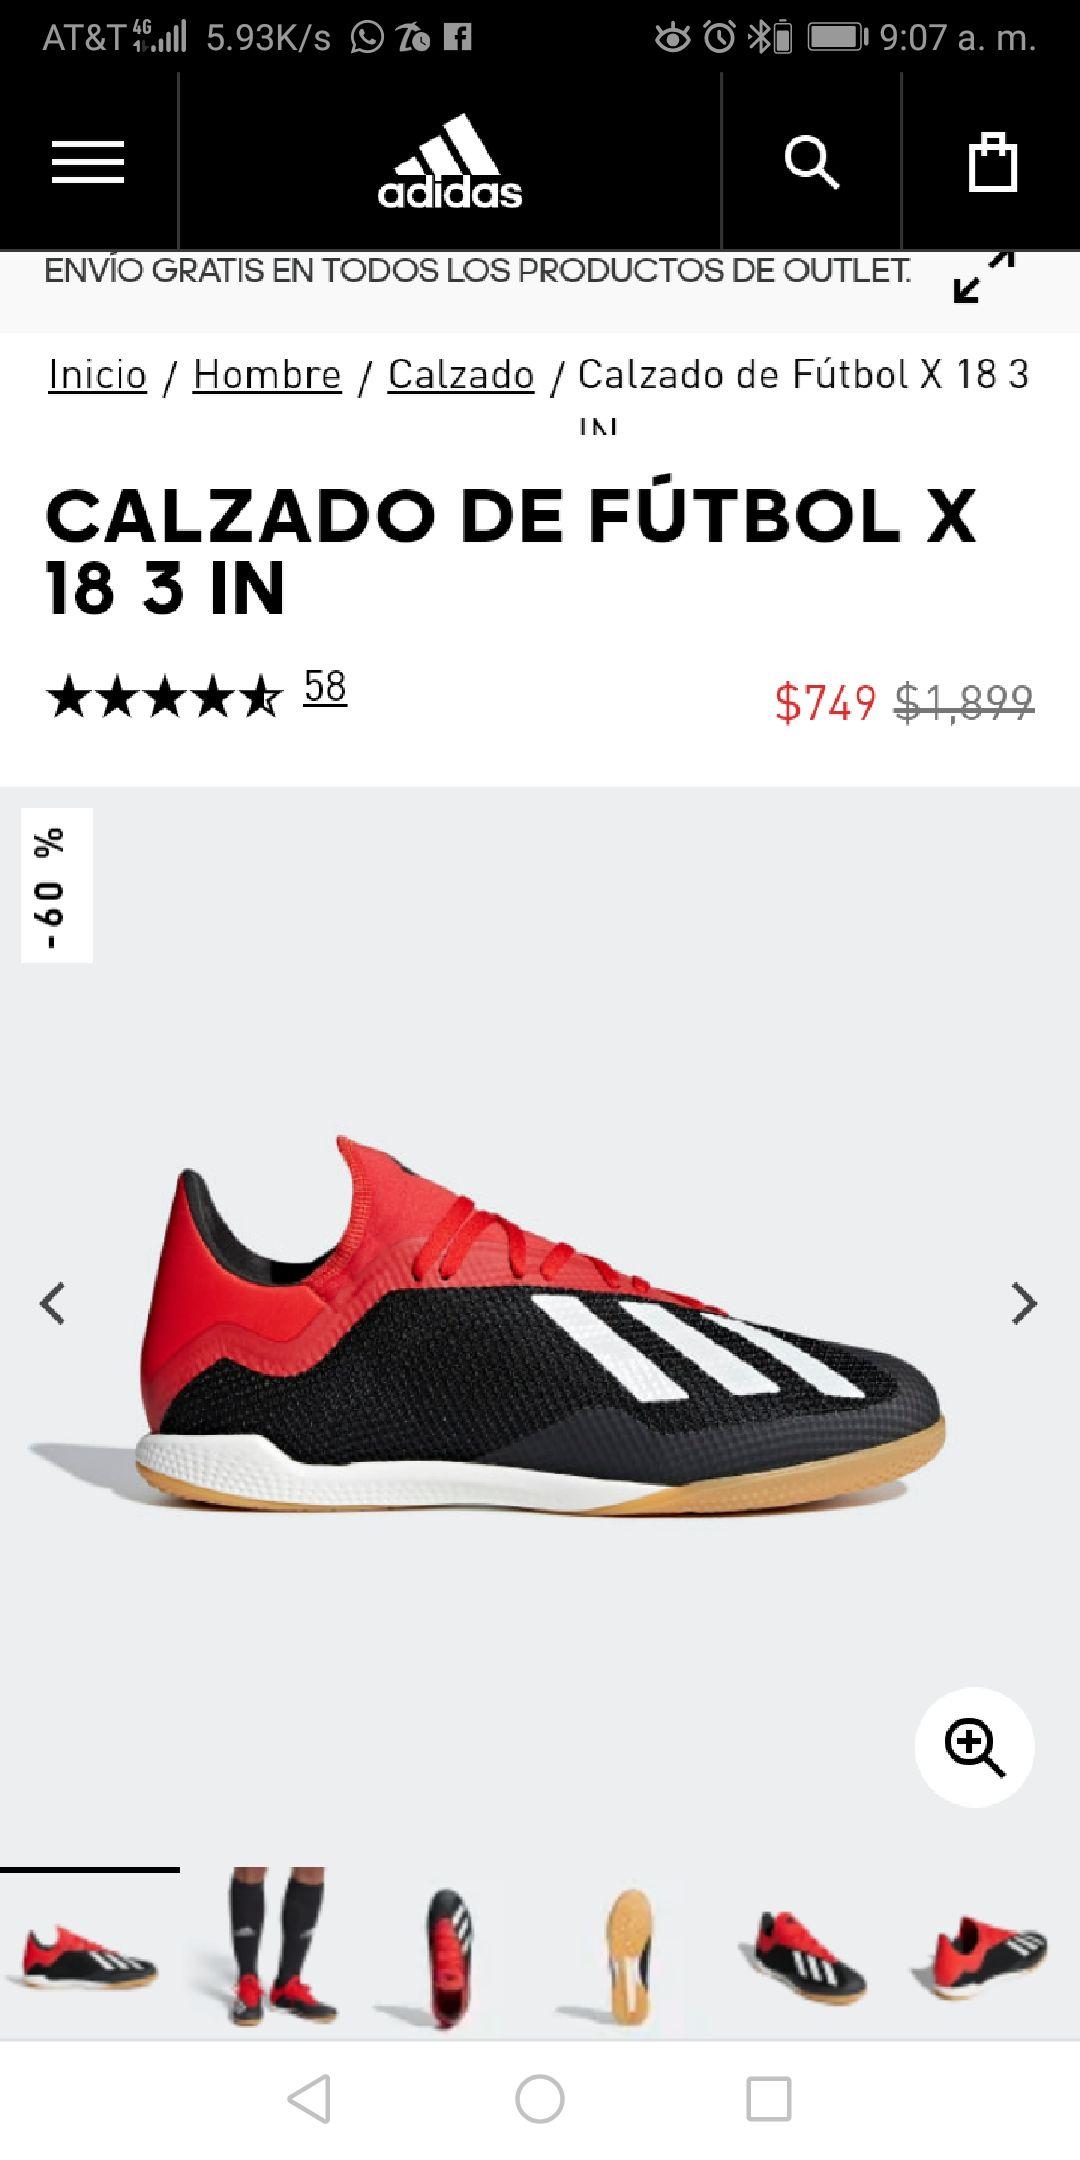 Adidas: Calzado de Fútbol x 18 3 In, de $1,899 a $749